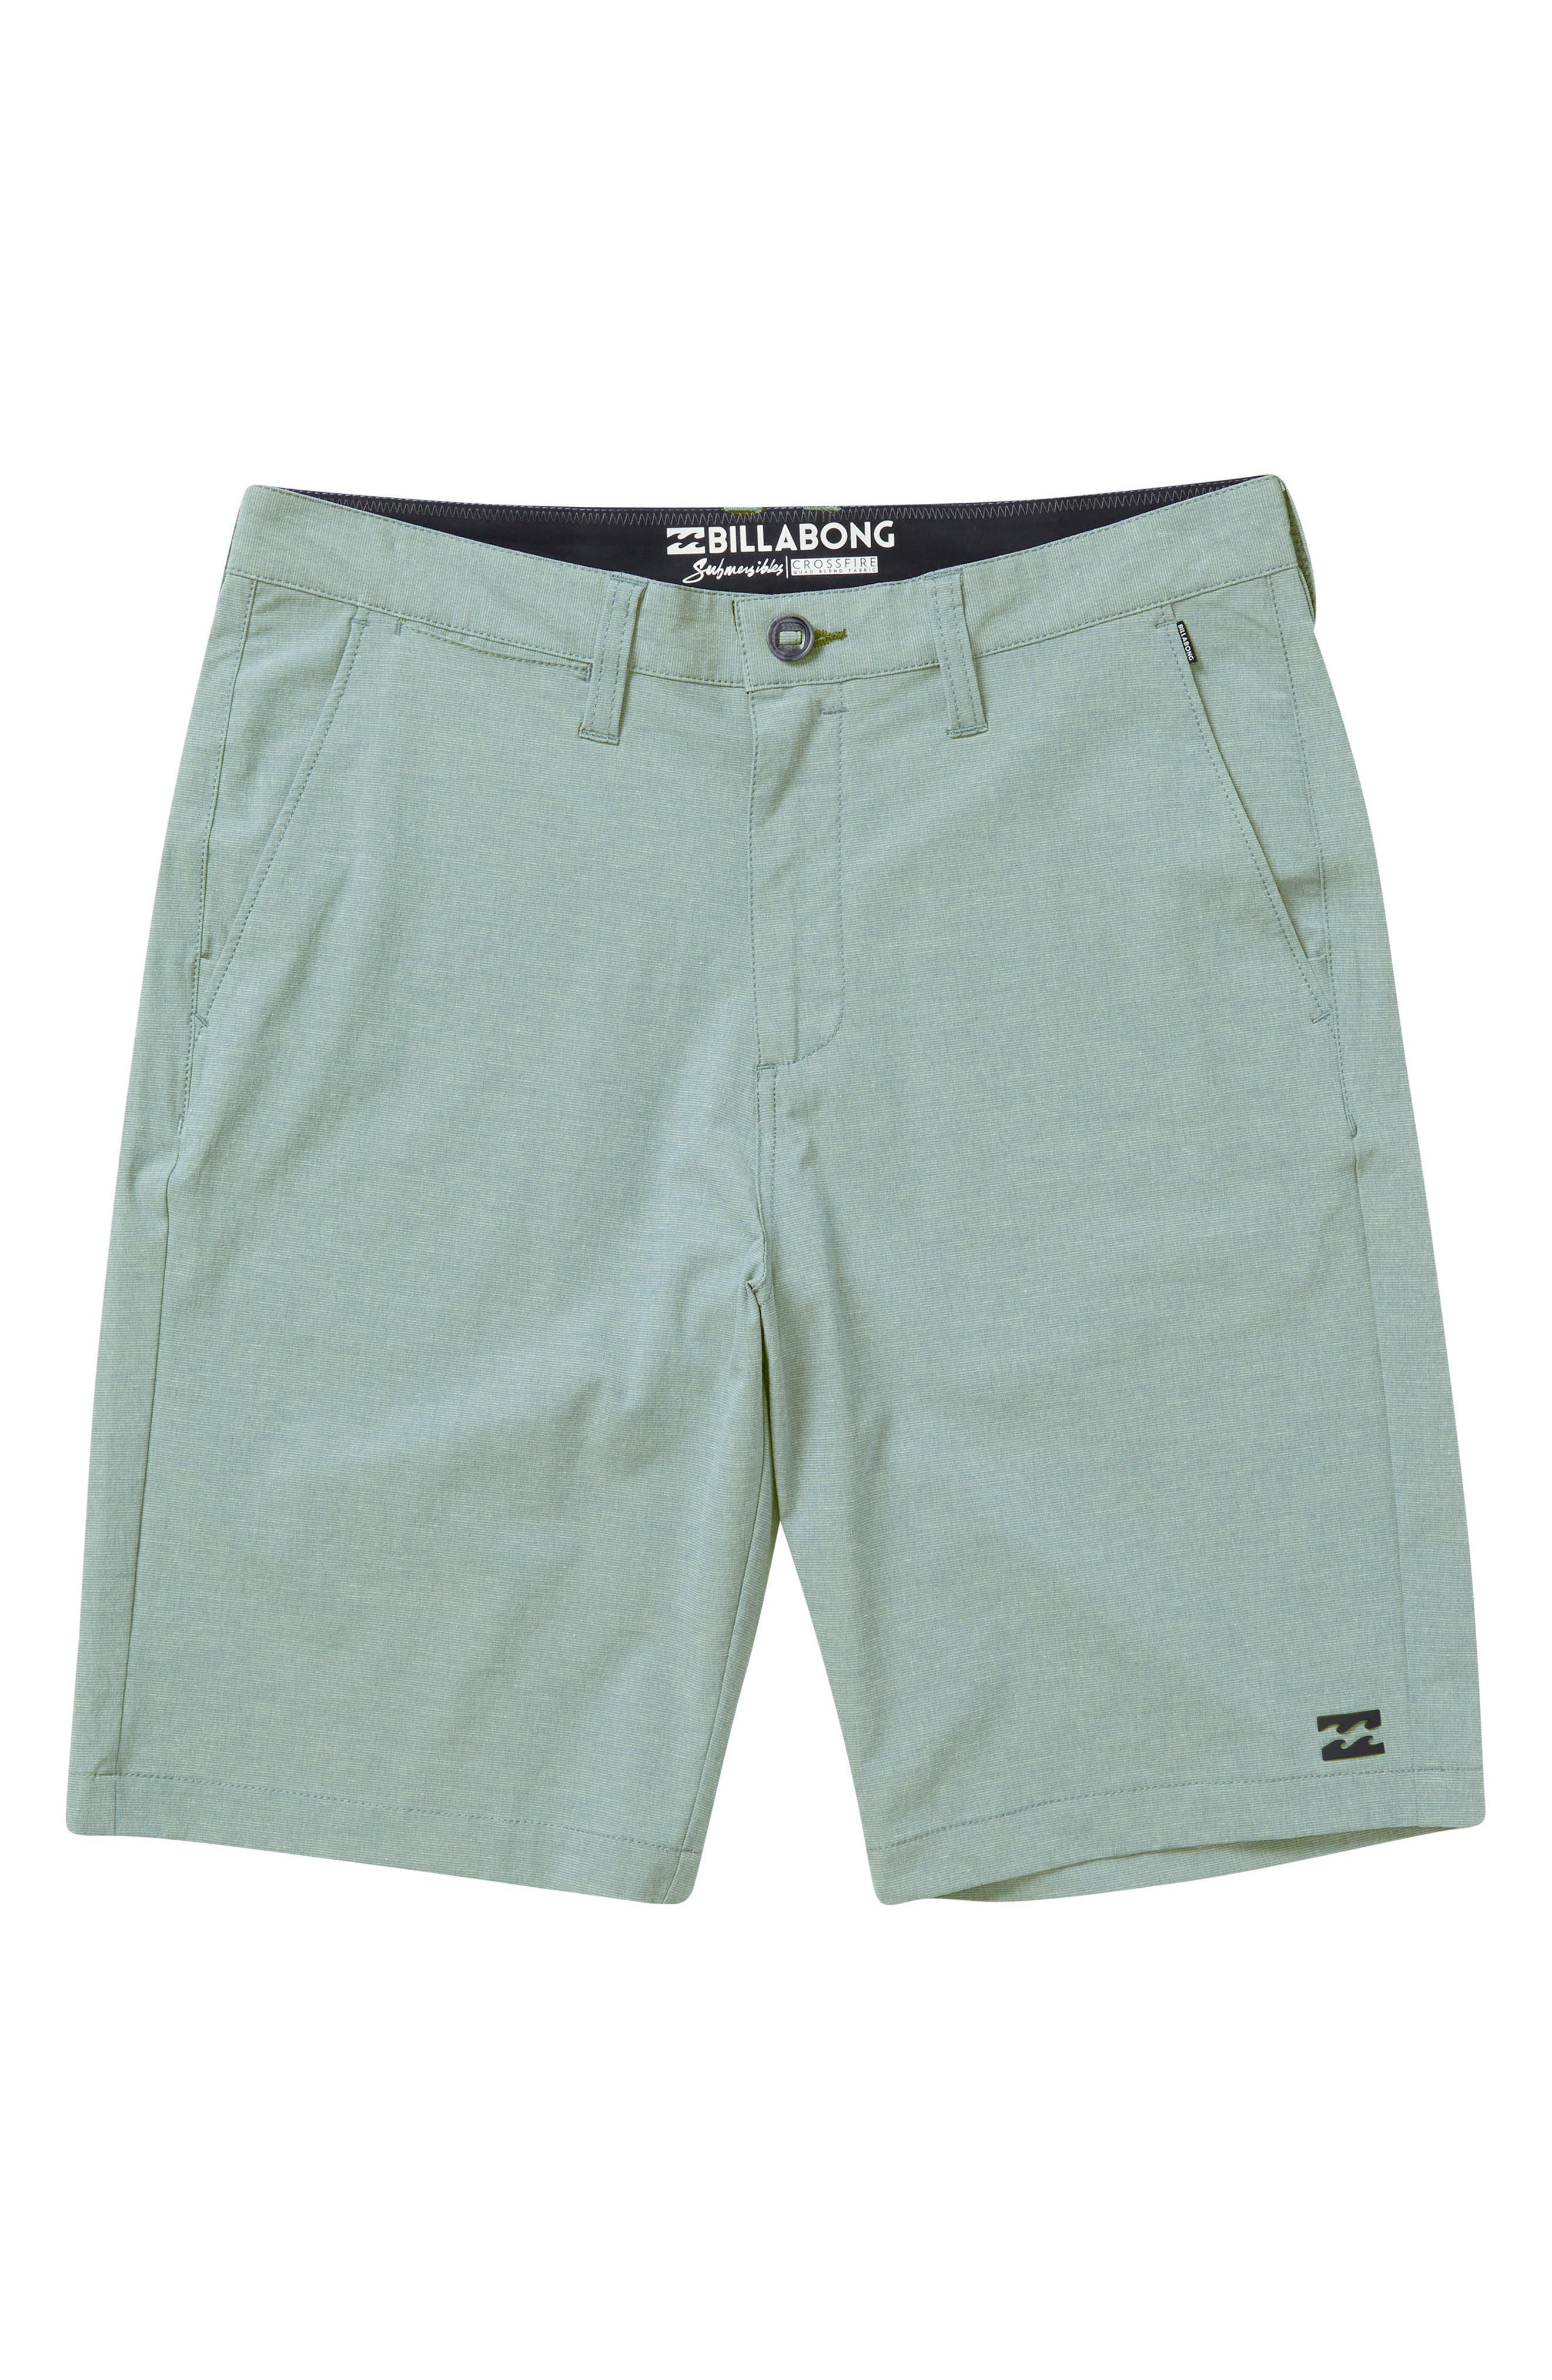 Billabong Crossfire X Hybrid Shorts (Big Boys)